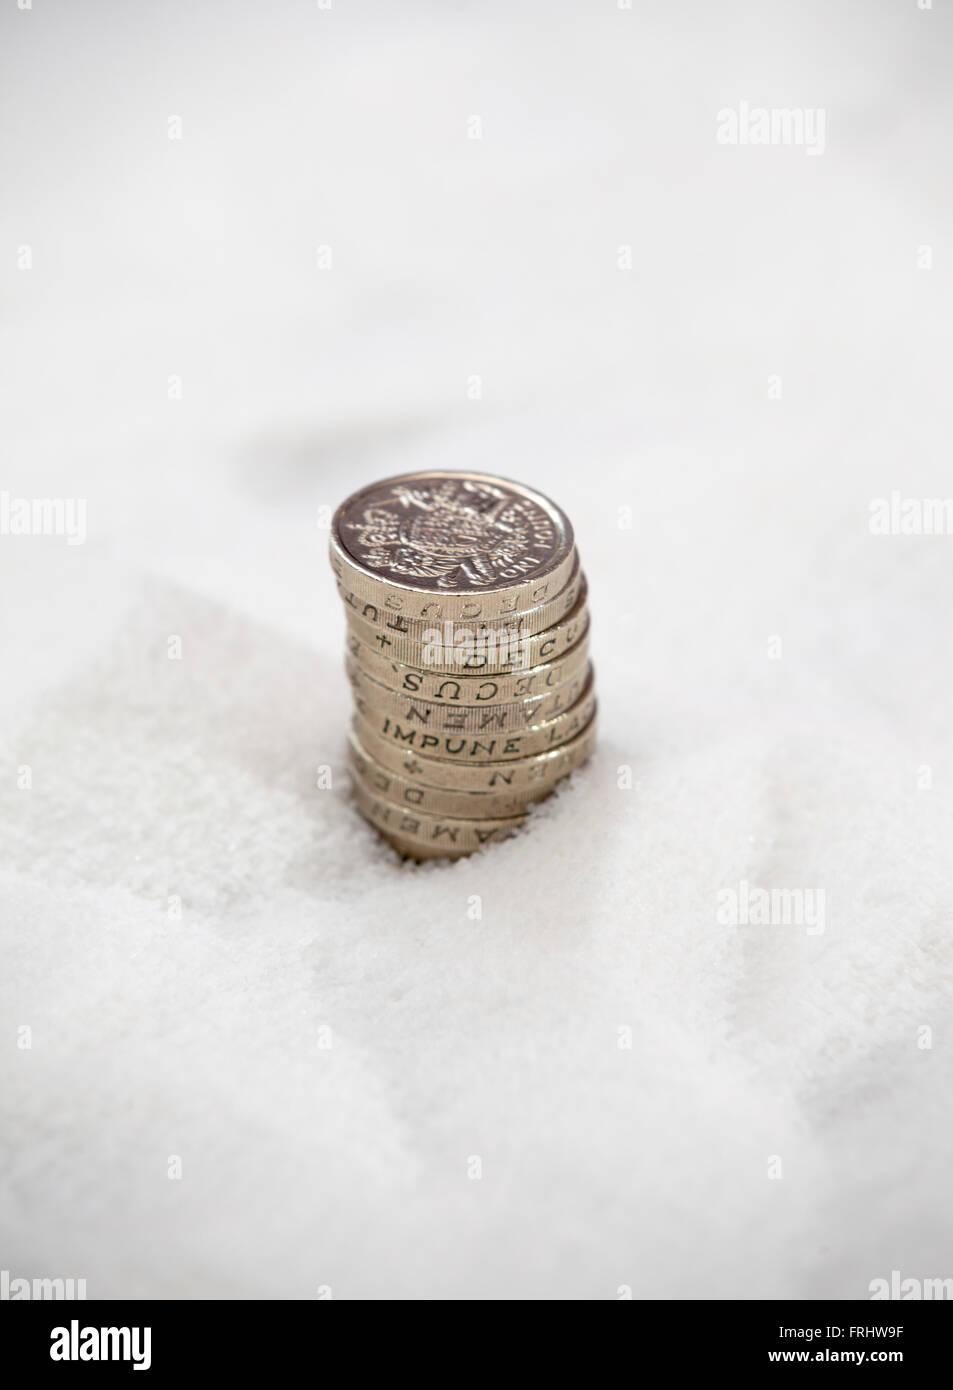 Ein Stapel von Pfund-Münzen, die Hälfte in Zucker beigesetzt Stockbild